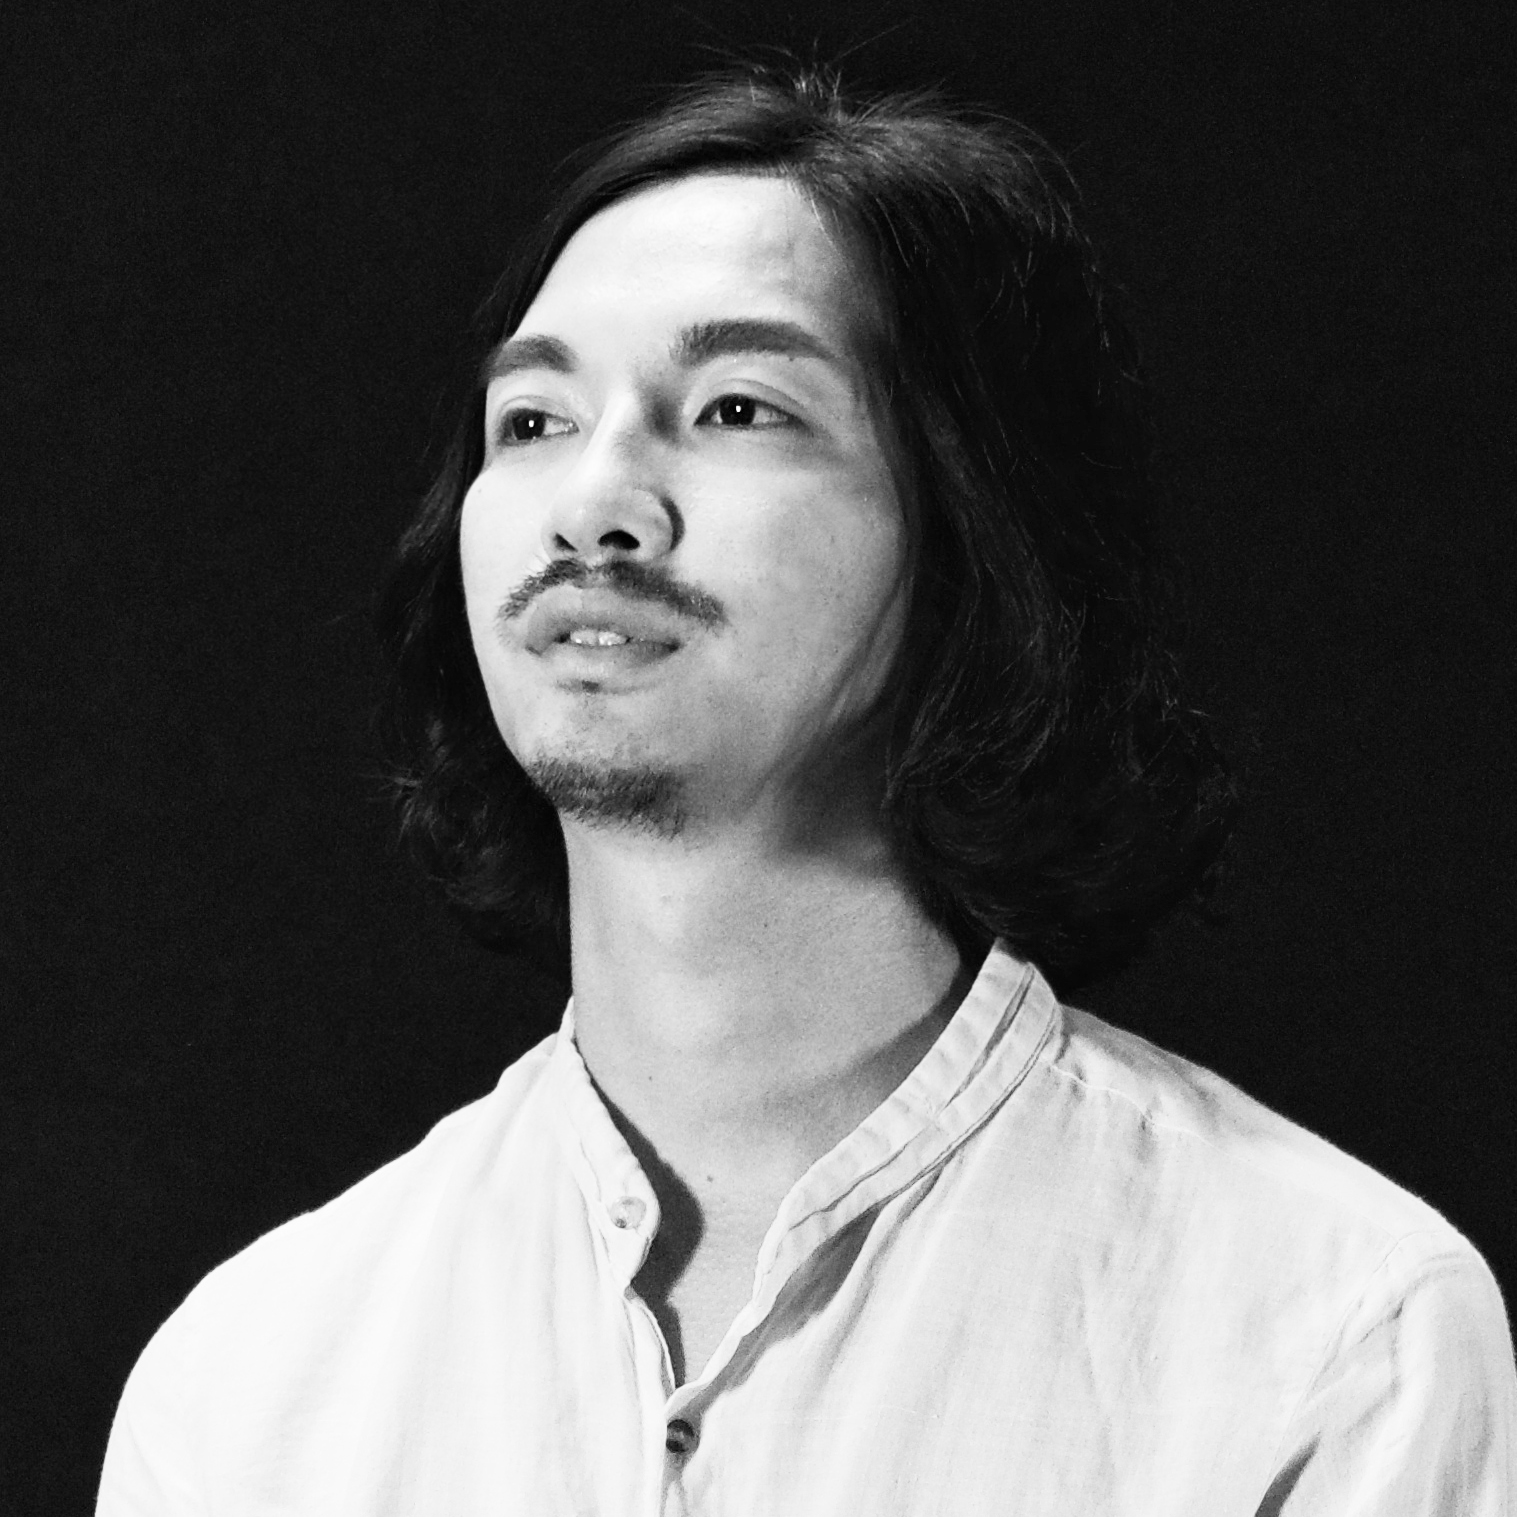 Photographer / Filmmaker   AO IEONG Weng Fong